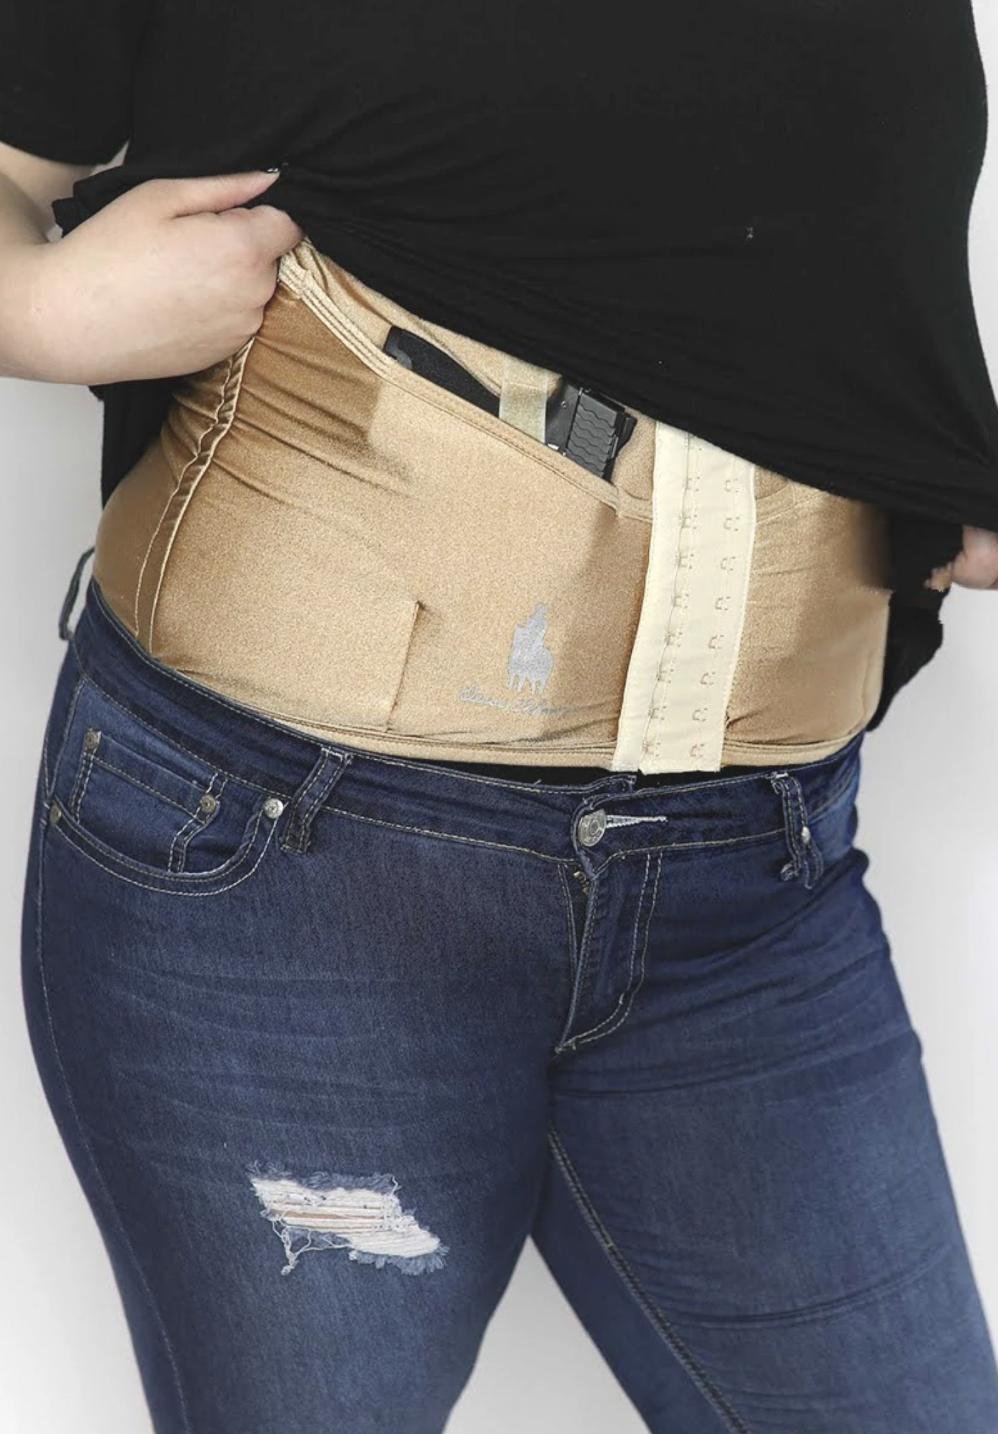 corset holster